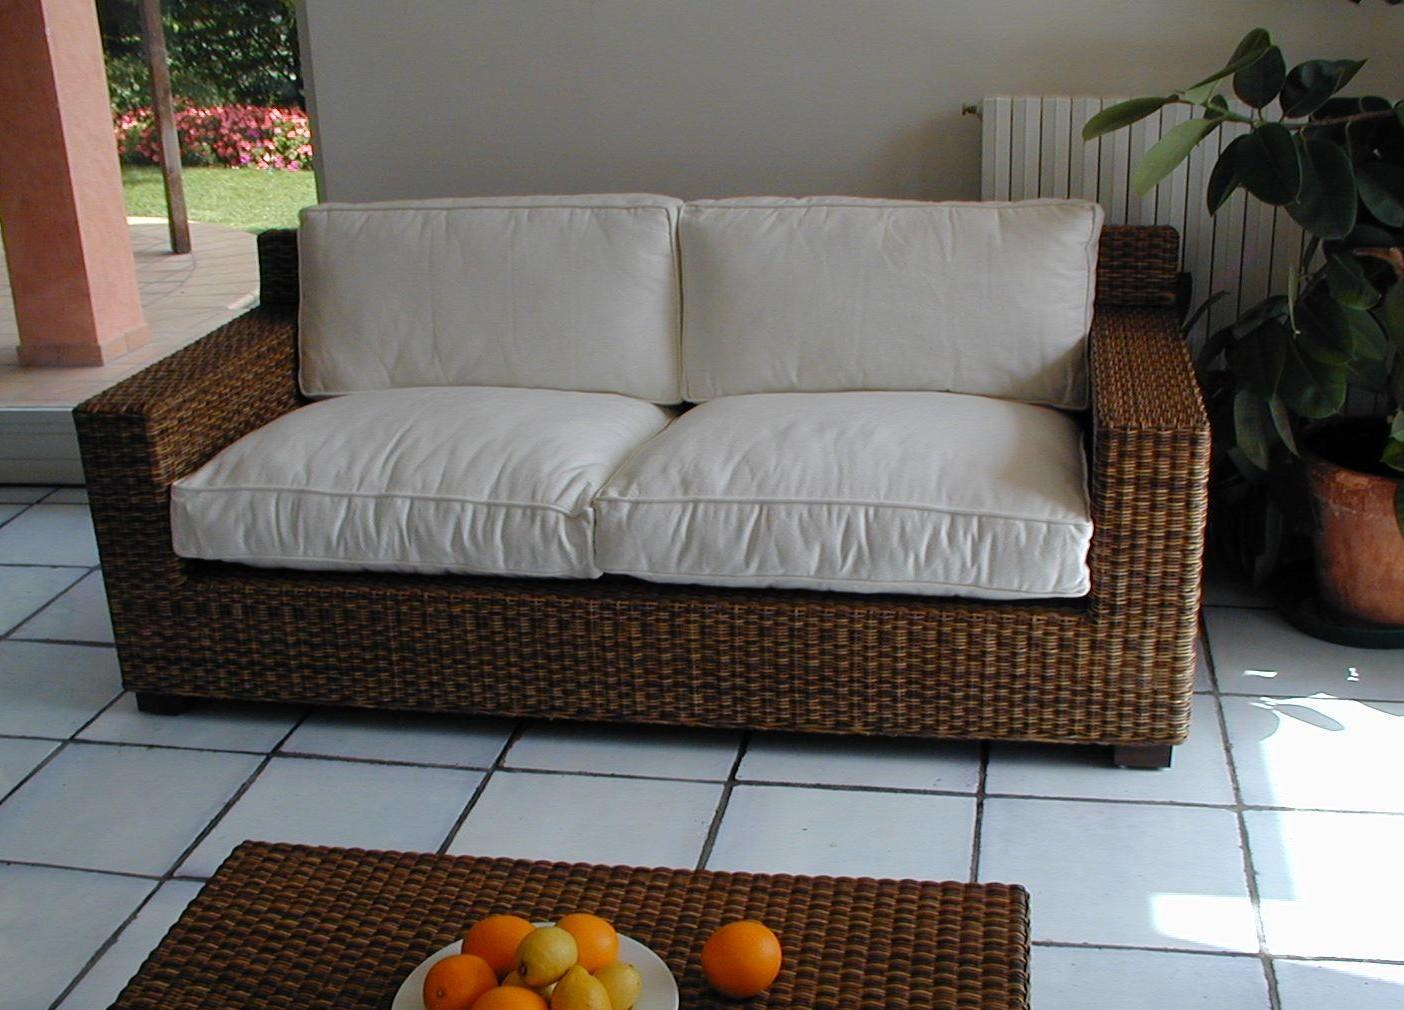 Salotto in midollino con divano 2 posti etnico outlet - Divani in rattan per interno ...